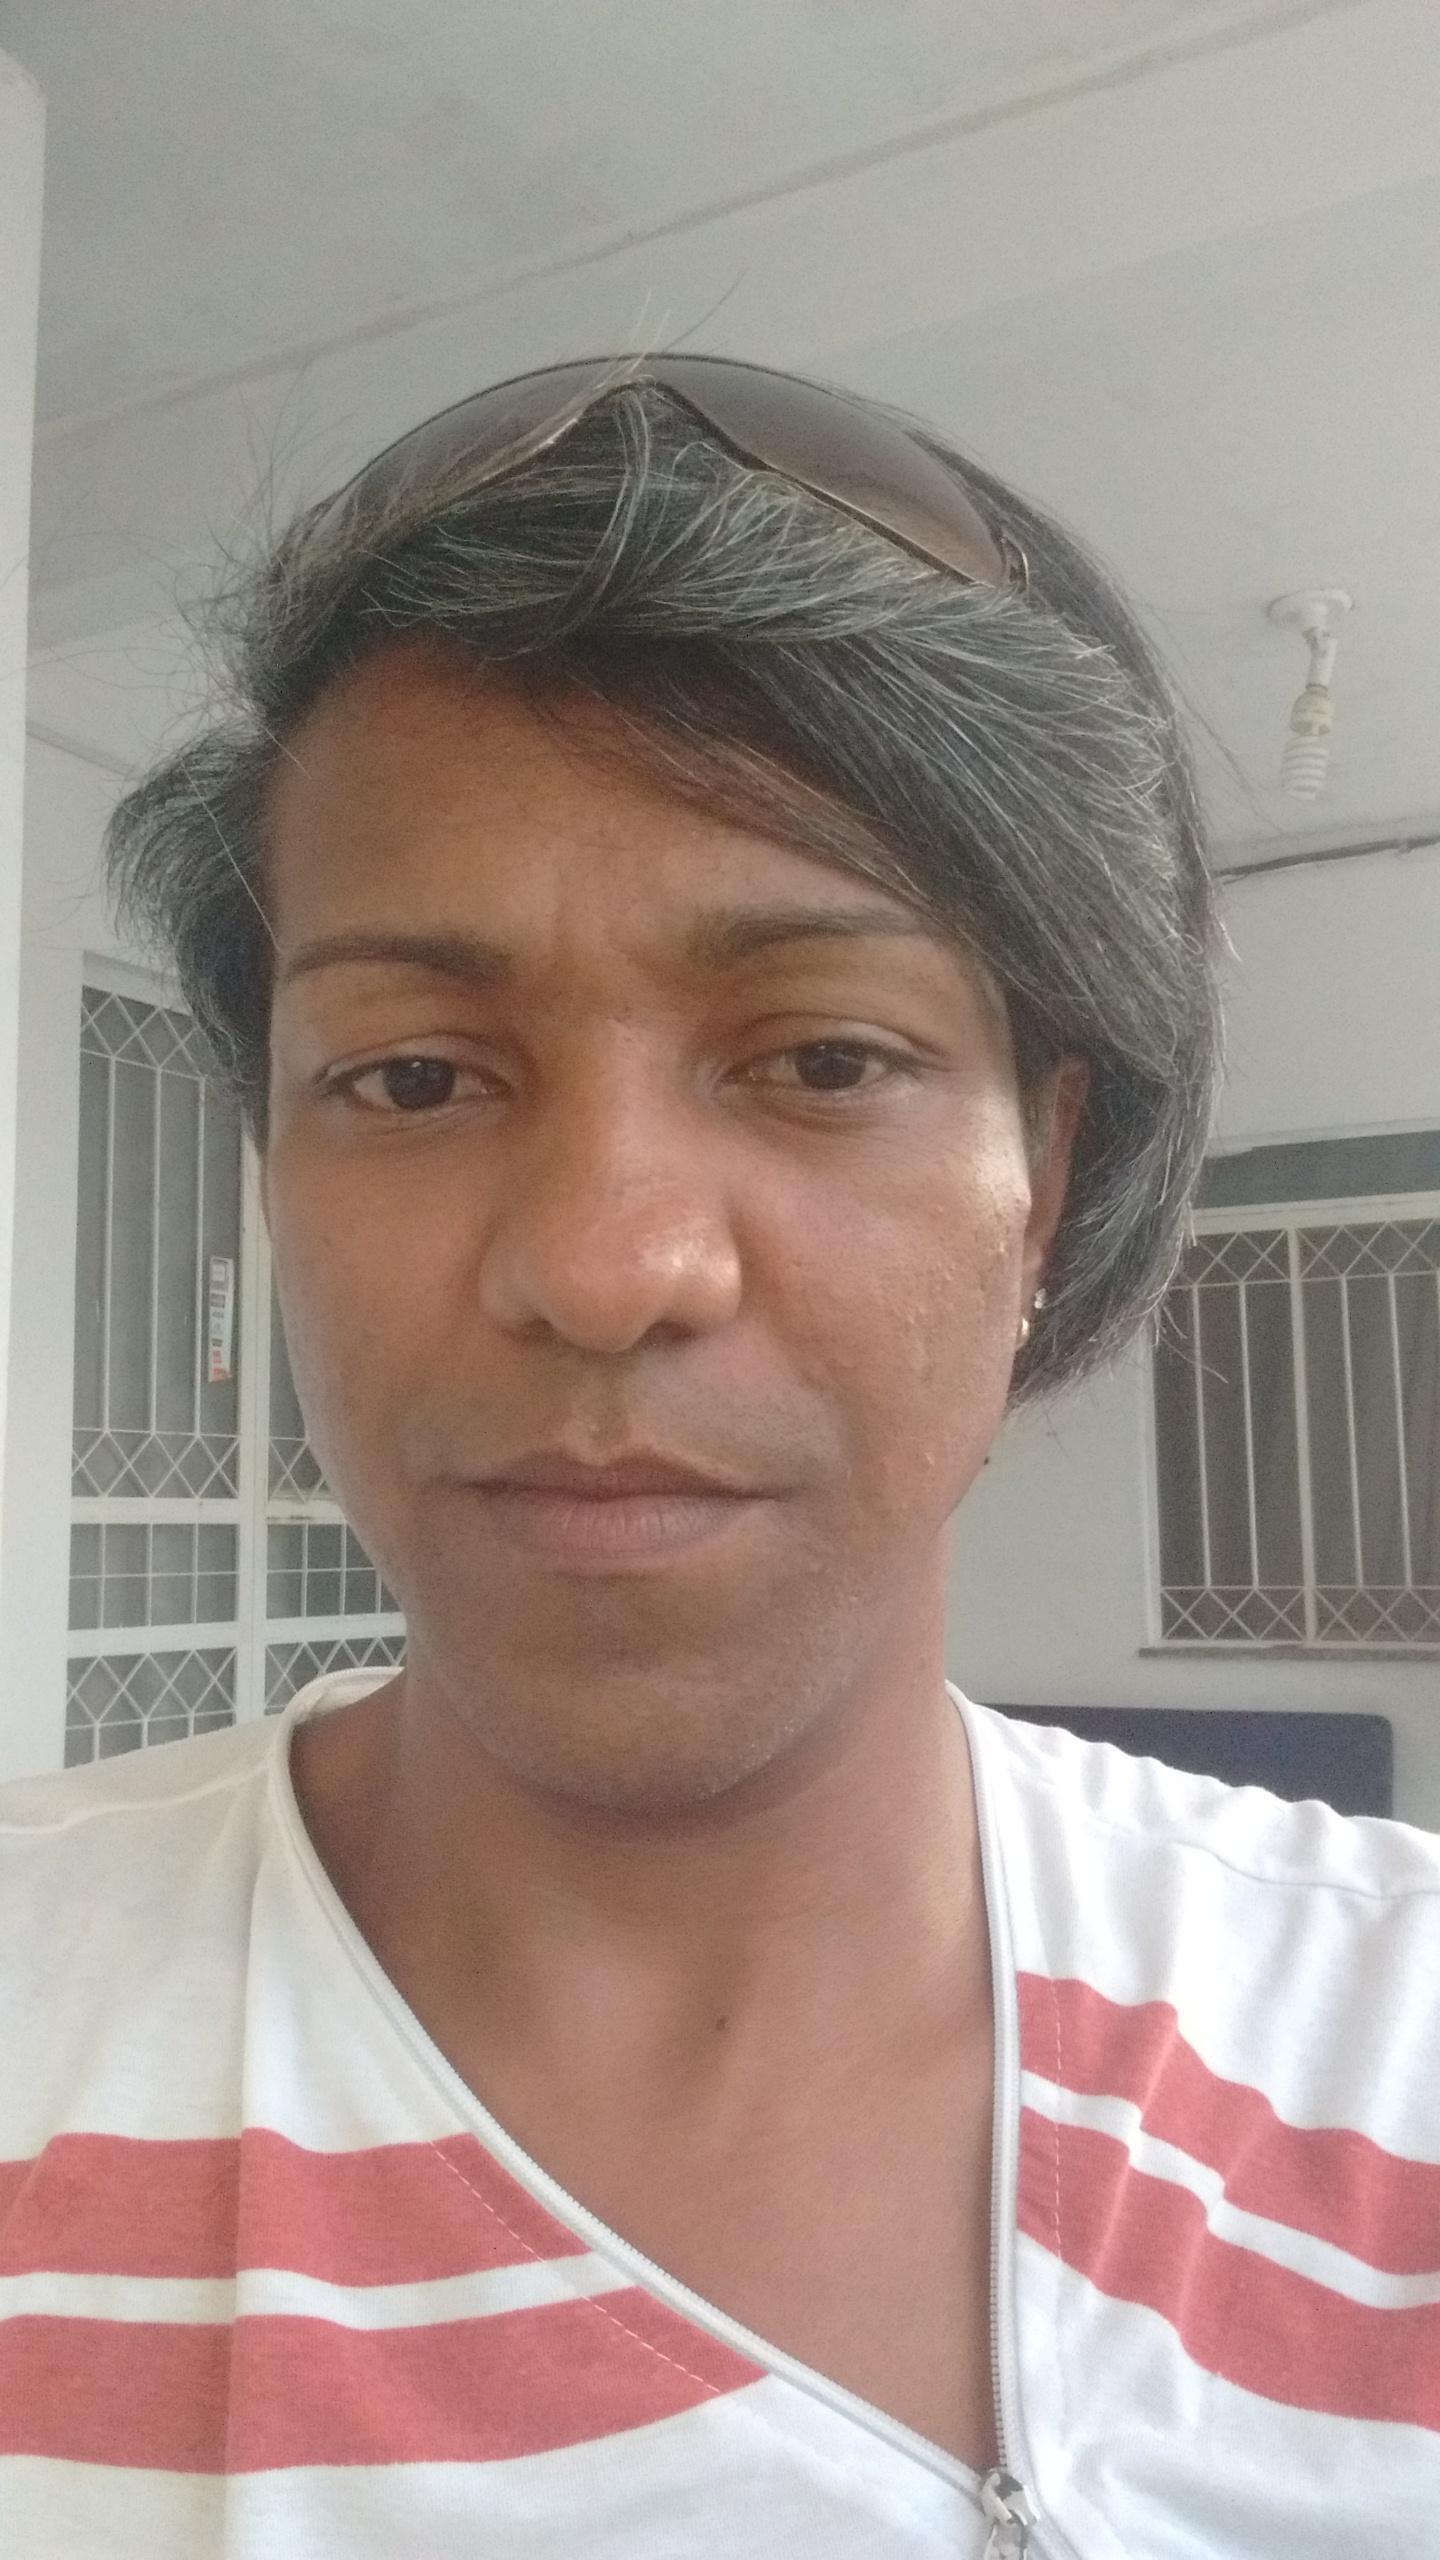 Sou Marcus , sou cabeleireiro tenho 34 anos adoro o que faço espero ter uma vaga para que eu possa crescer na vida . cabelo cabeleireiro(a)